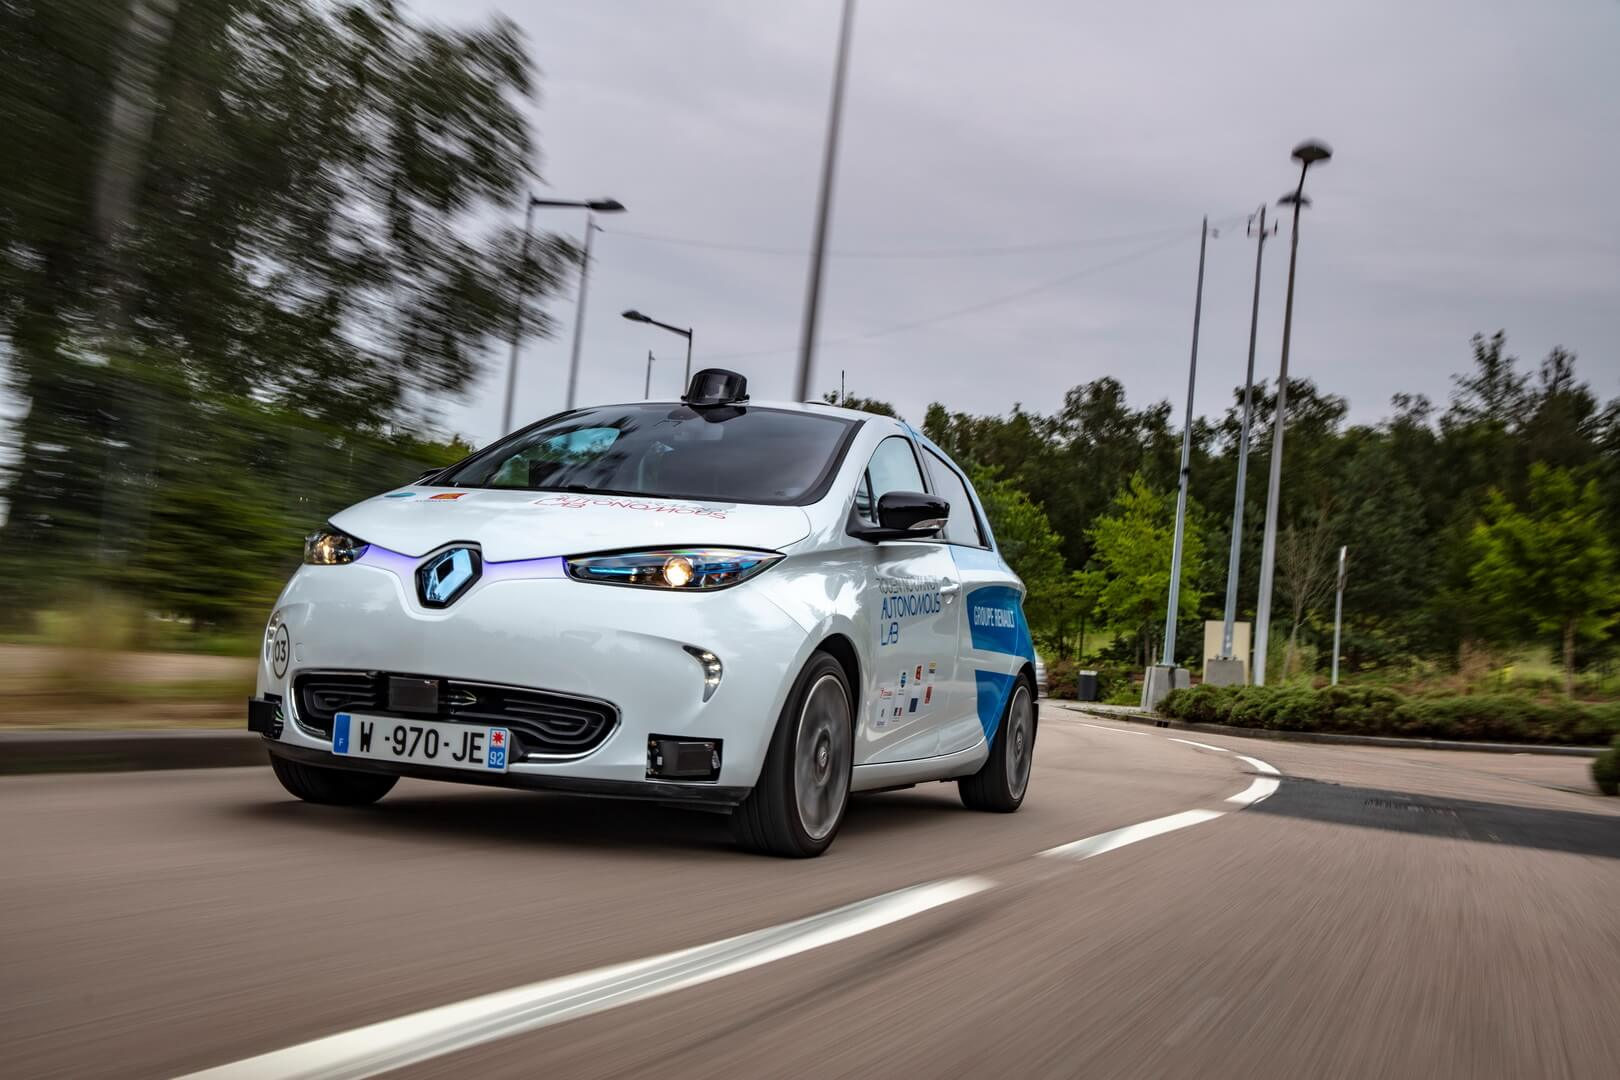 В испытаниях используются четыре электромобиля Renault ZOE